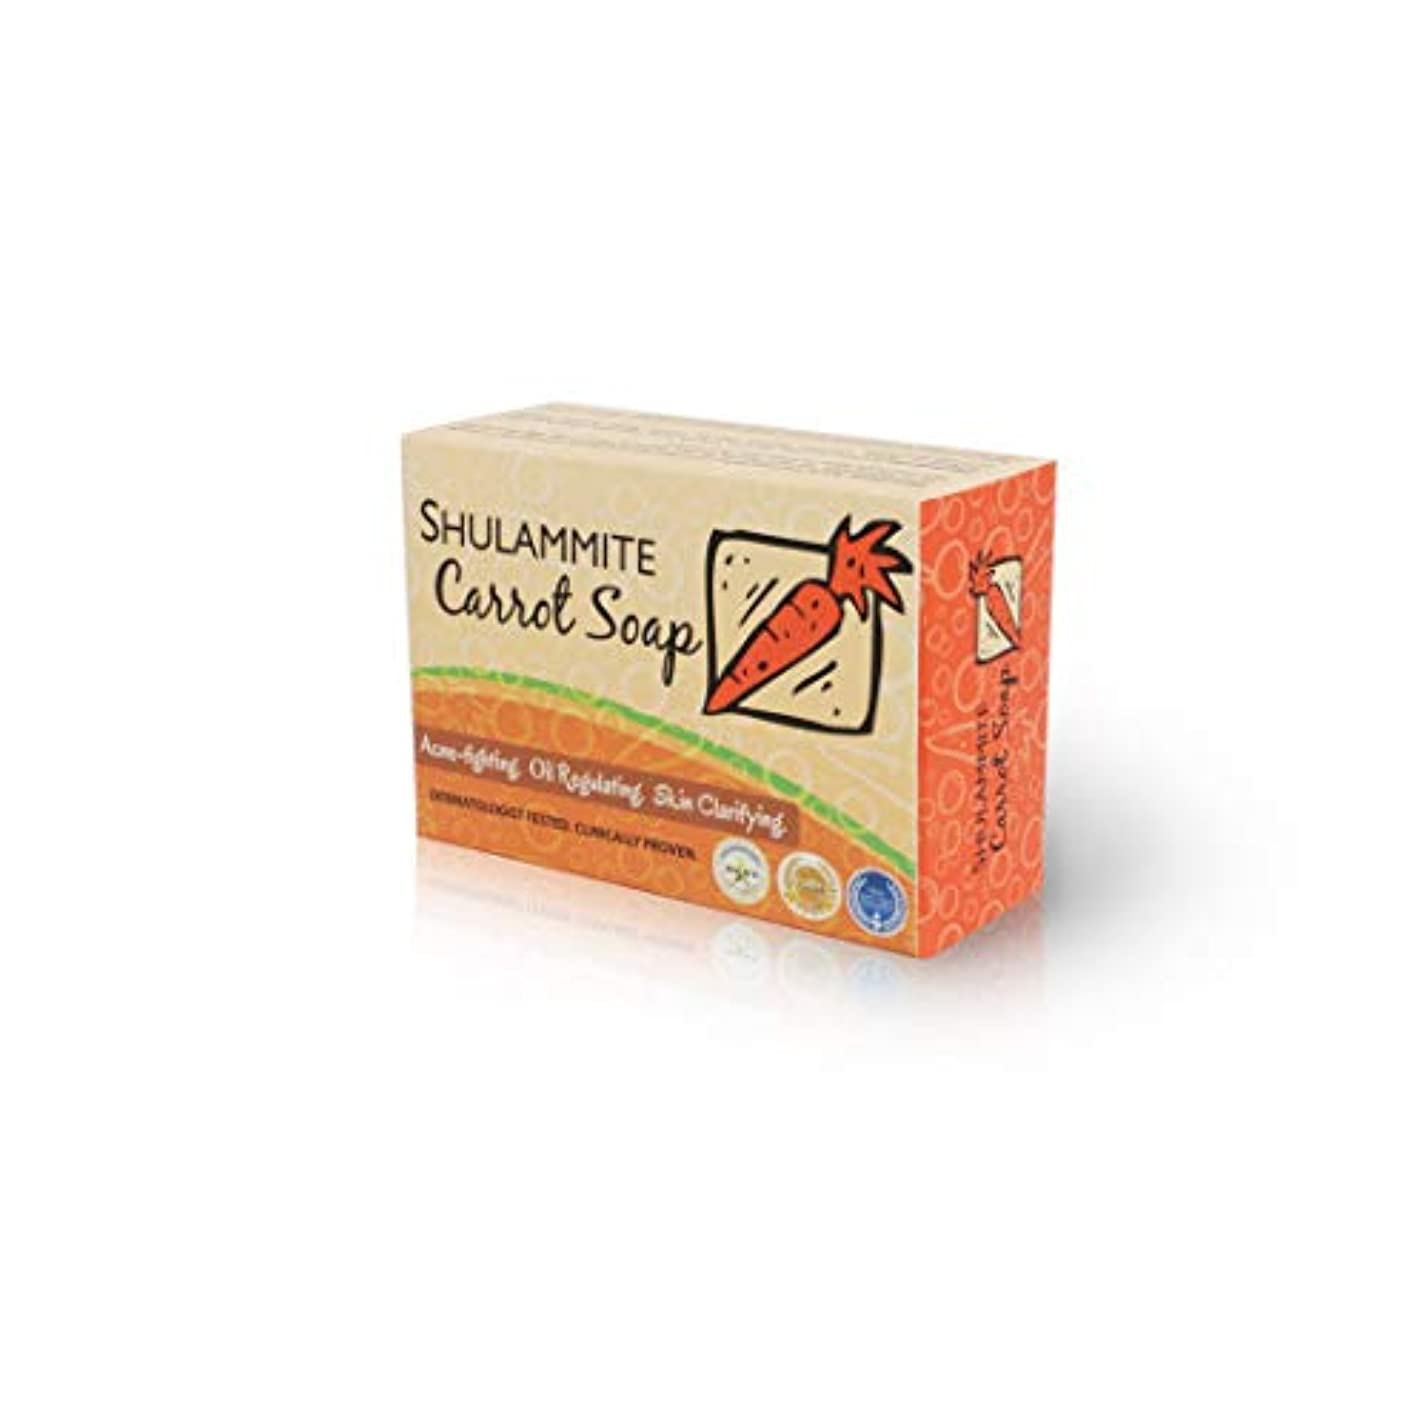 ディンカルビル注入些細なSHULAMMITE Carrot Soap キャロットソープ150g 正規輸入代理店 Harmony & Wellness Japan distributor! Exclusive contract with manufacturer